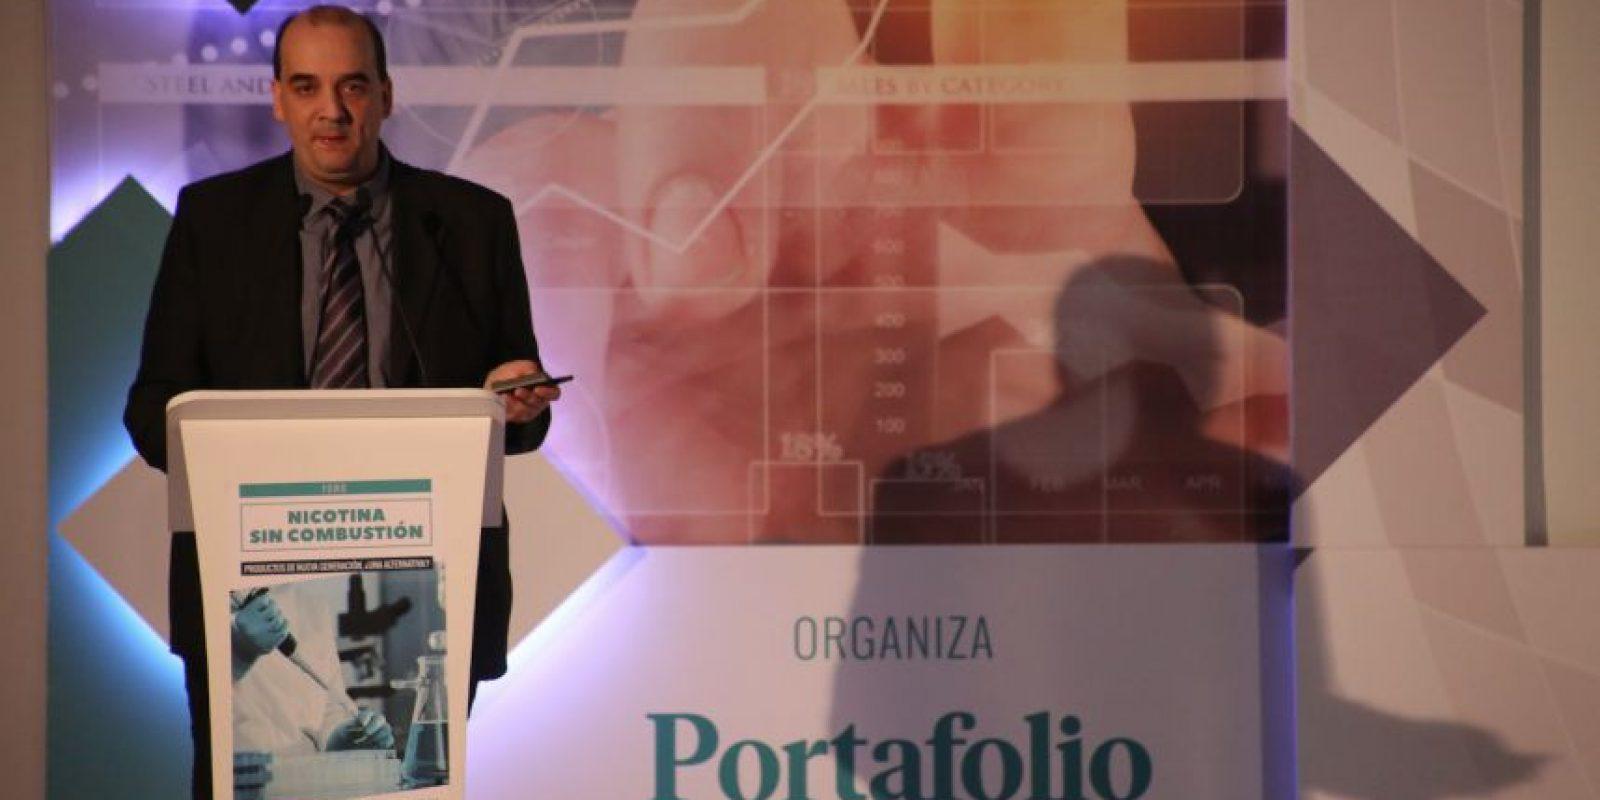 El doctor Konstantinos Farsalinos eses investigador de Cirugía Cardiaca en el Onassis Center, en Grecia. Foto:Portafolio